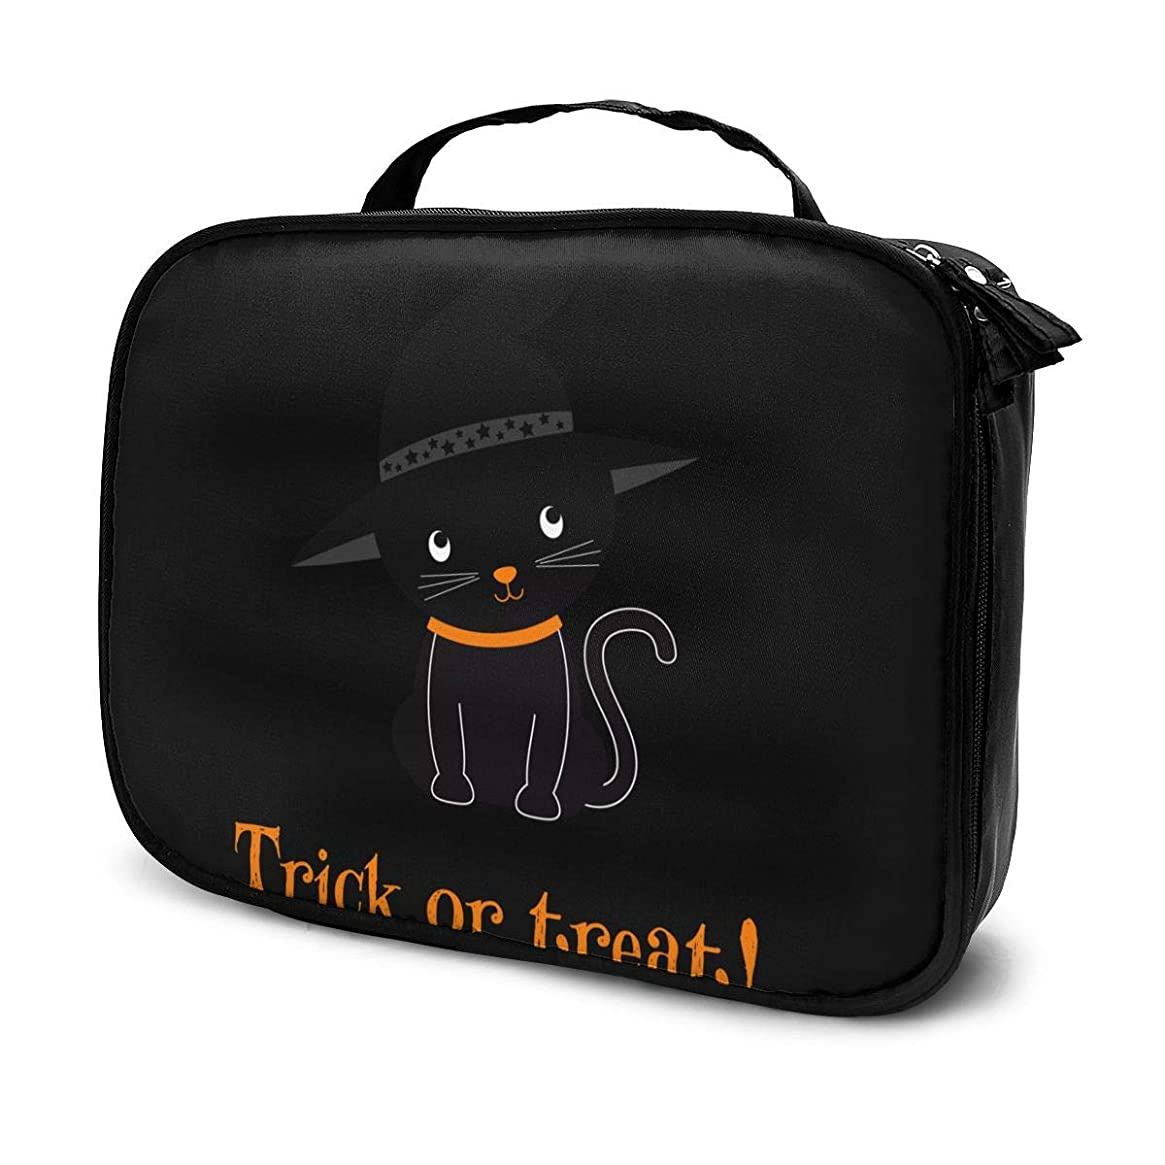 必要ない支配的狼化粧品収納バッグ ねこ ハロウィン 収納ポーチ 収納袋 化粧ポーチ 旅行の収納 化粧品袋 ウォッシュバッグ 多機能 旅行用品 おしゃれな 男女兼用